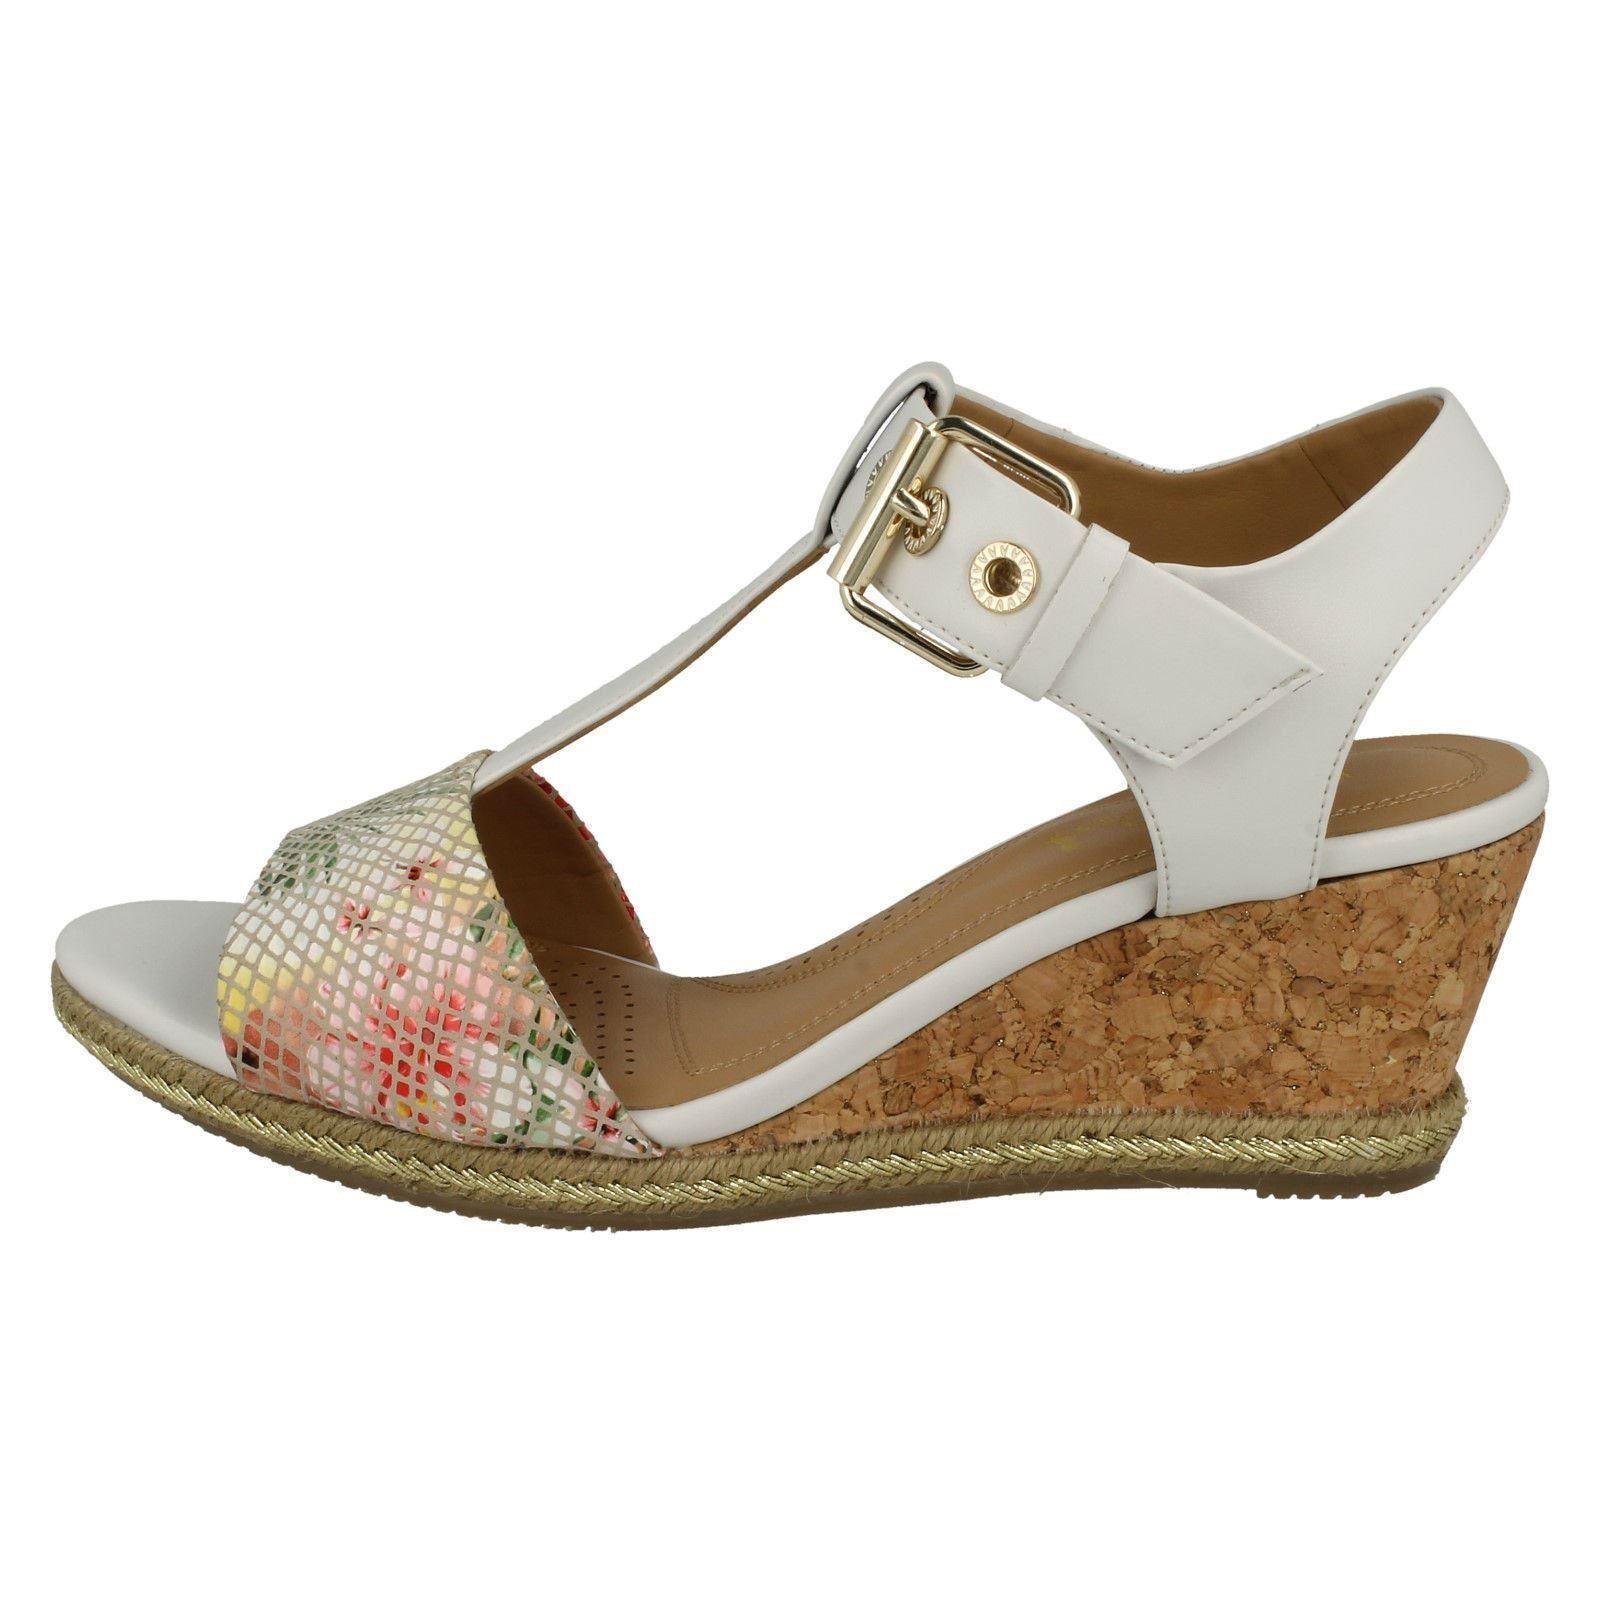 Ladies-Van-Dal-Wedged-Heel-Sandals-Jordan thumbnail 17